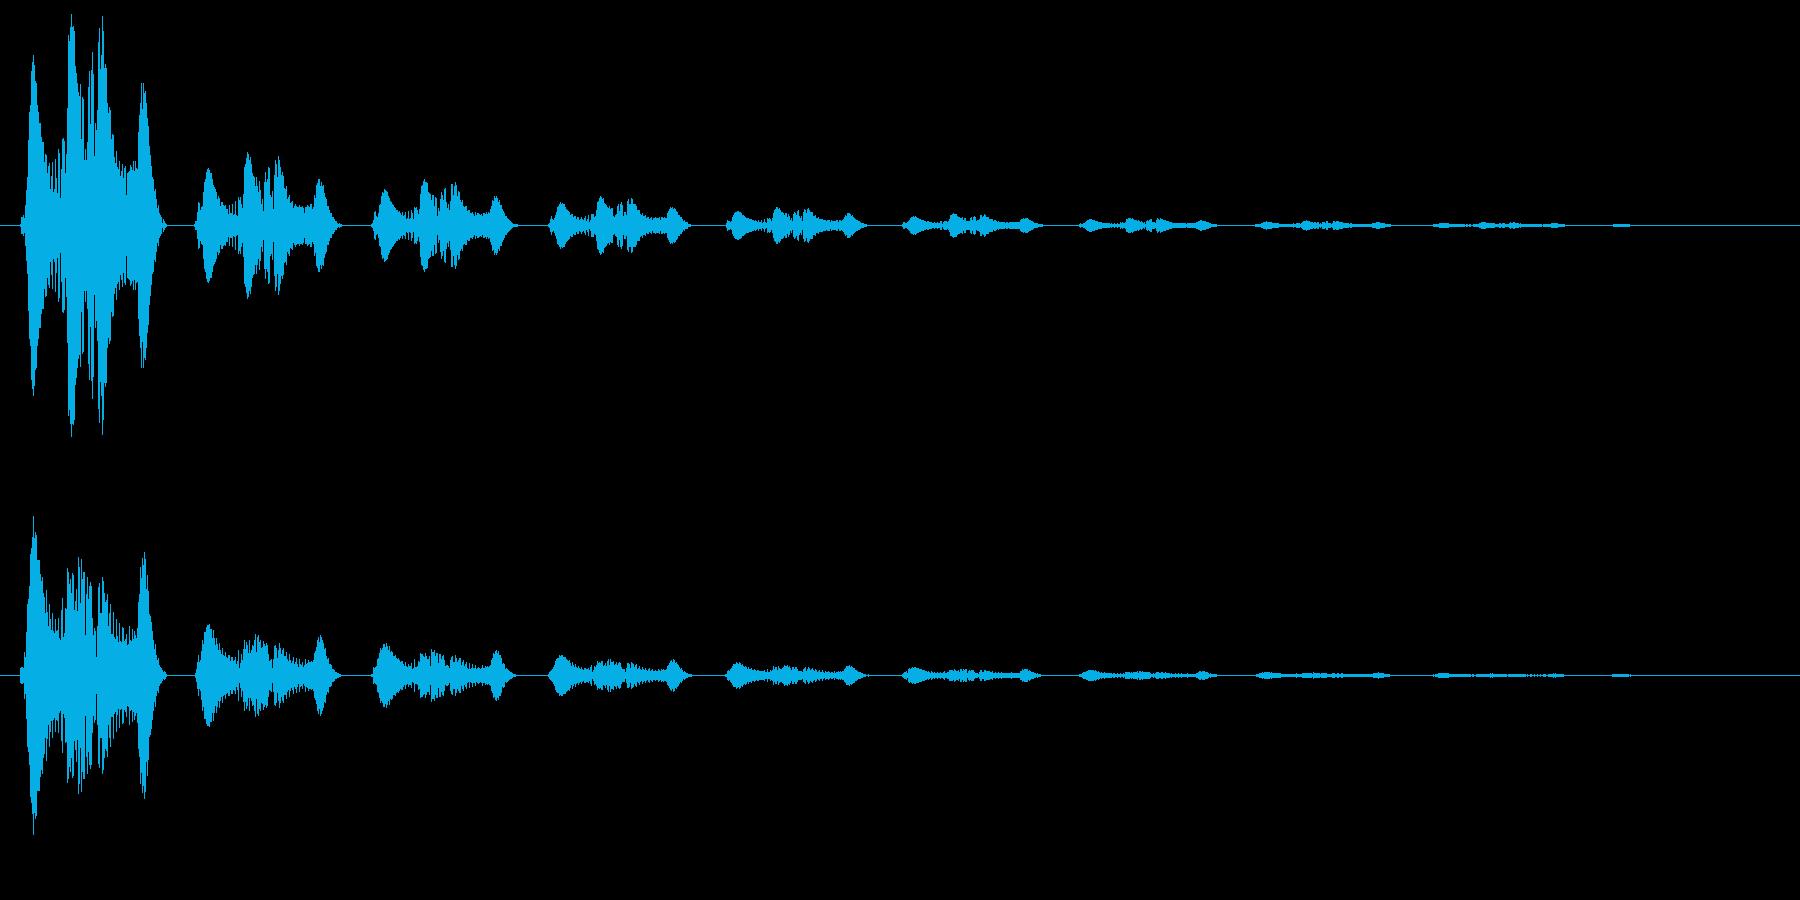 キュピーン(光が弾け飛ぶような決定音)の再生済みの波形